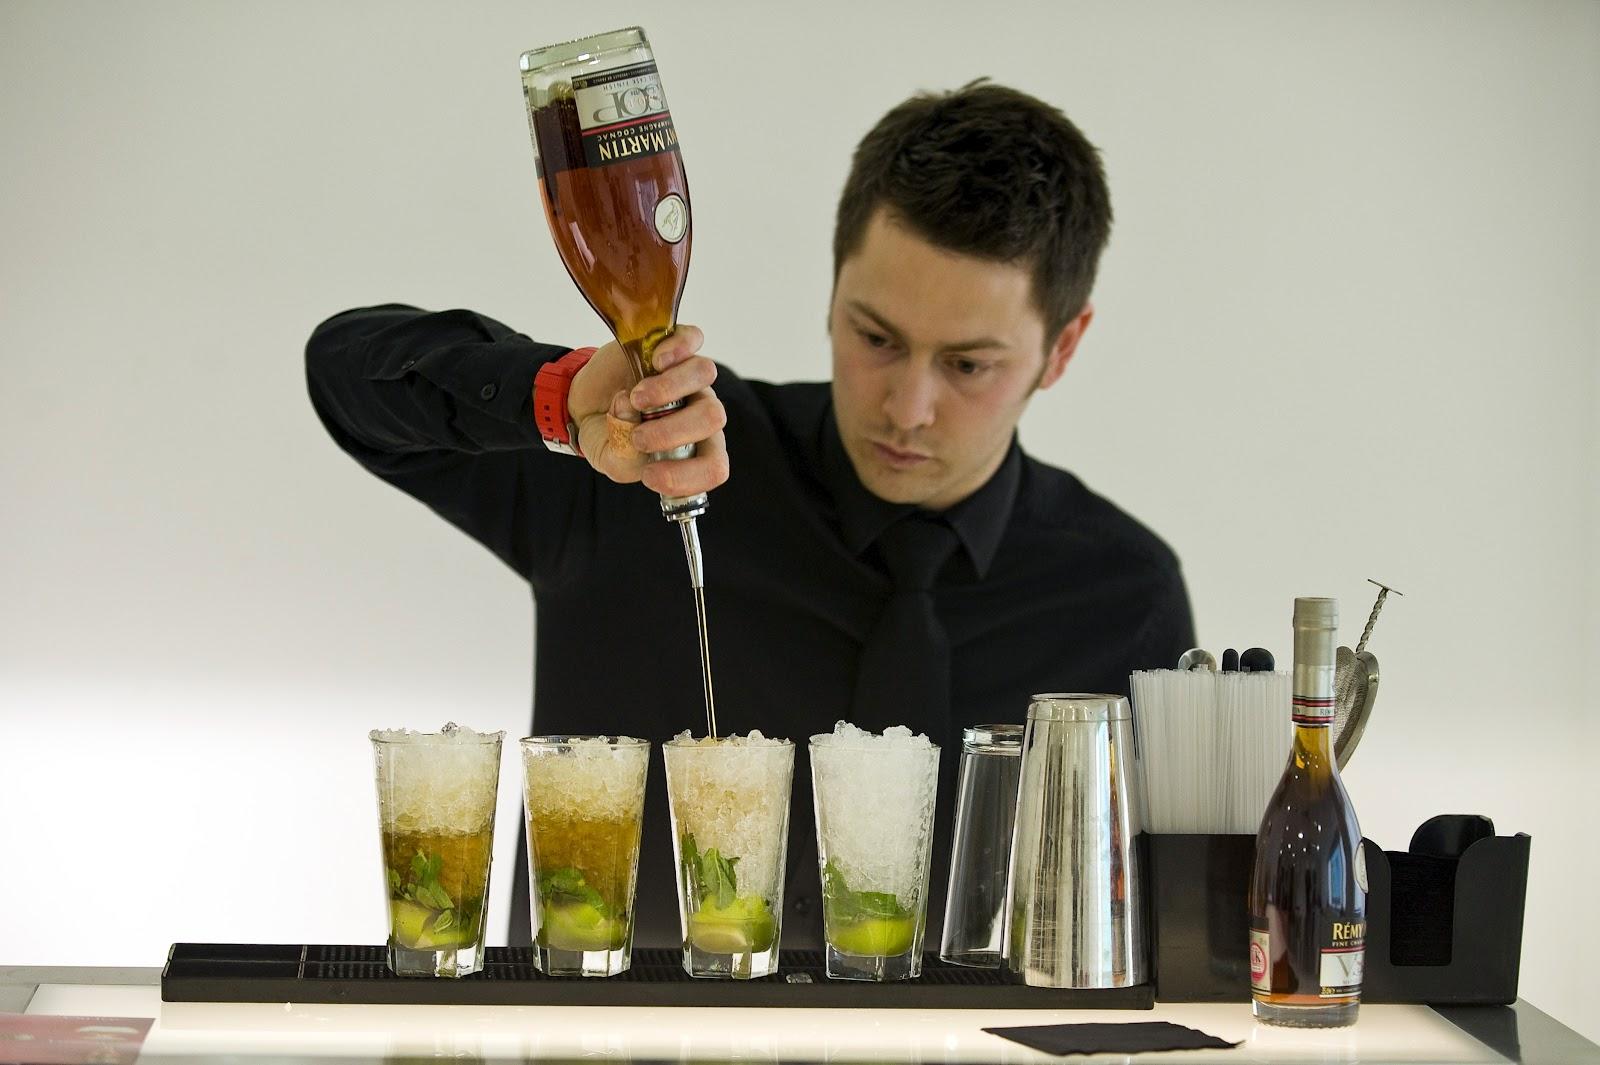 http://2.bp.blogspot.com/-0ktVcgwaksA/T7tnkhSKTYI/AAAAAAAADSw/VQw7HusLe5M/s1600/cognac_spirit_liquor_brand_remy_martin_cocktail_london_1.JPG